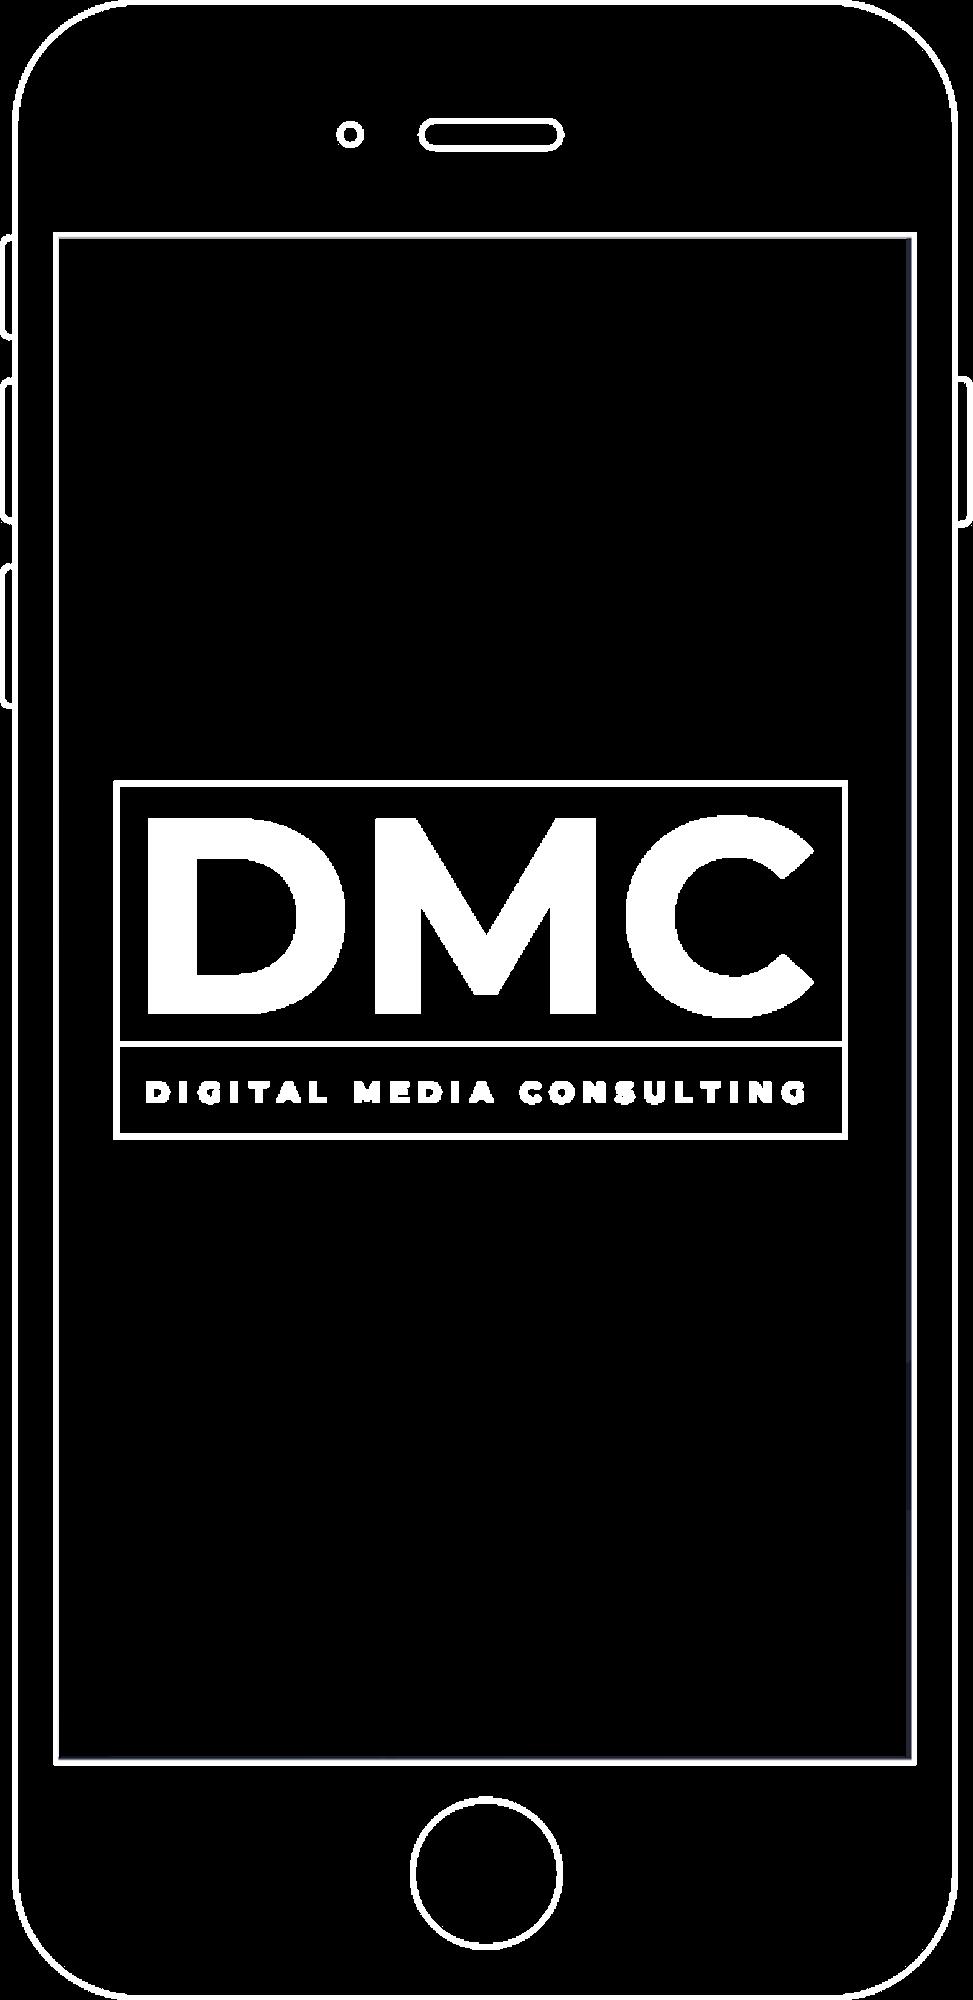 DMC Website